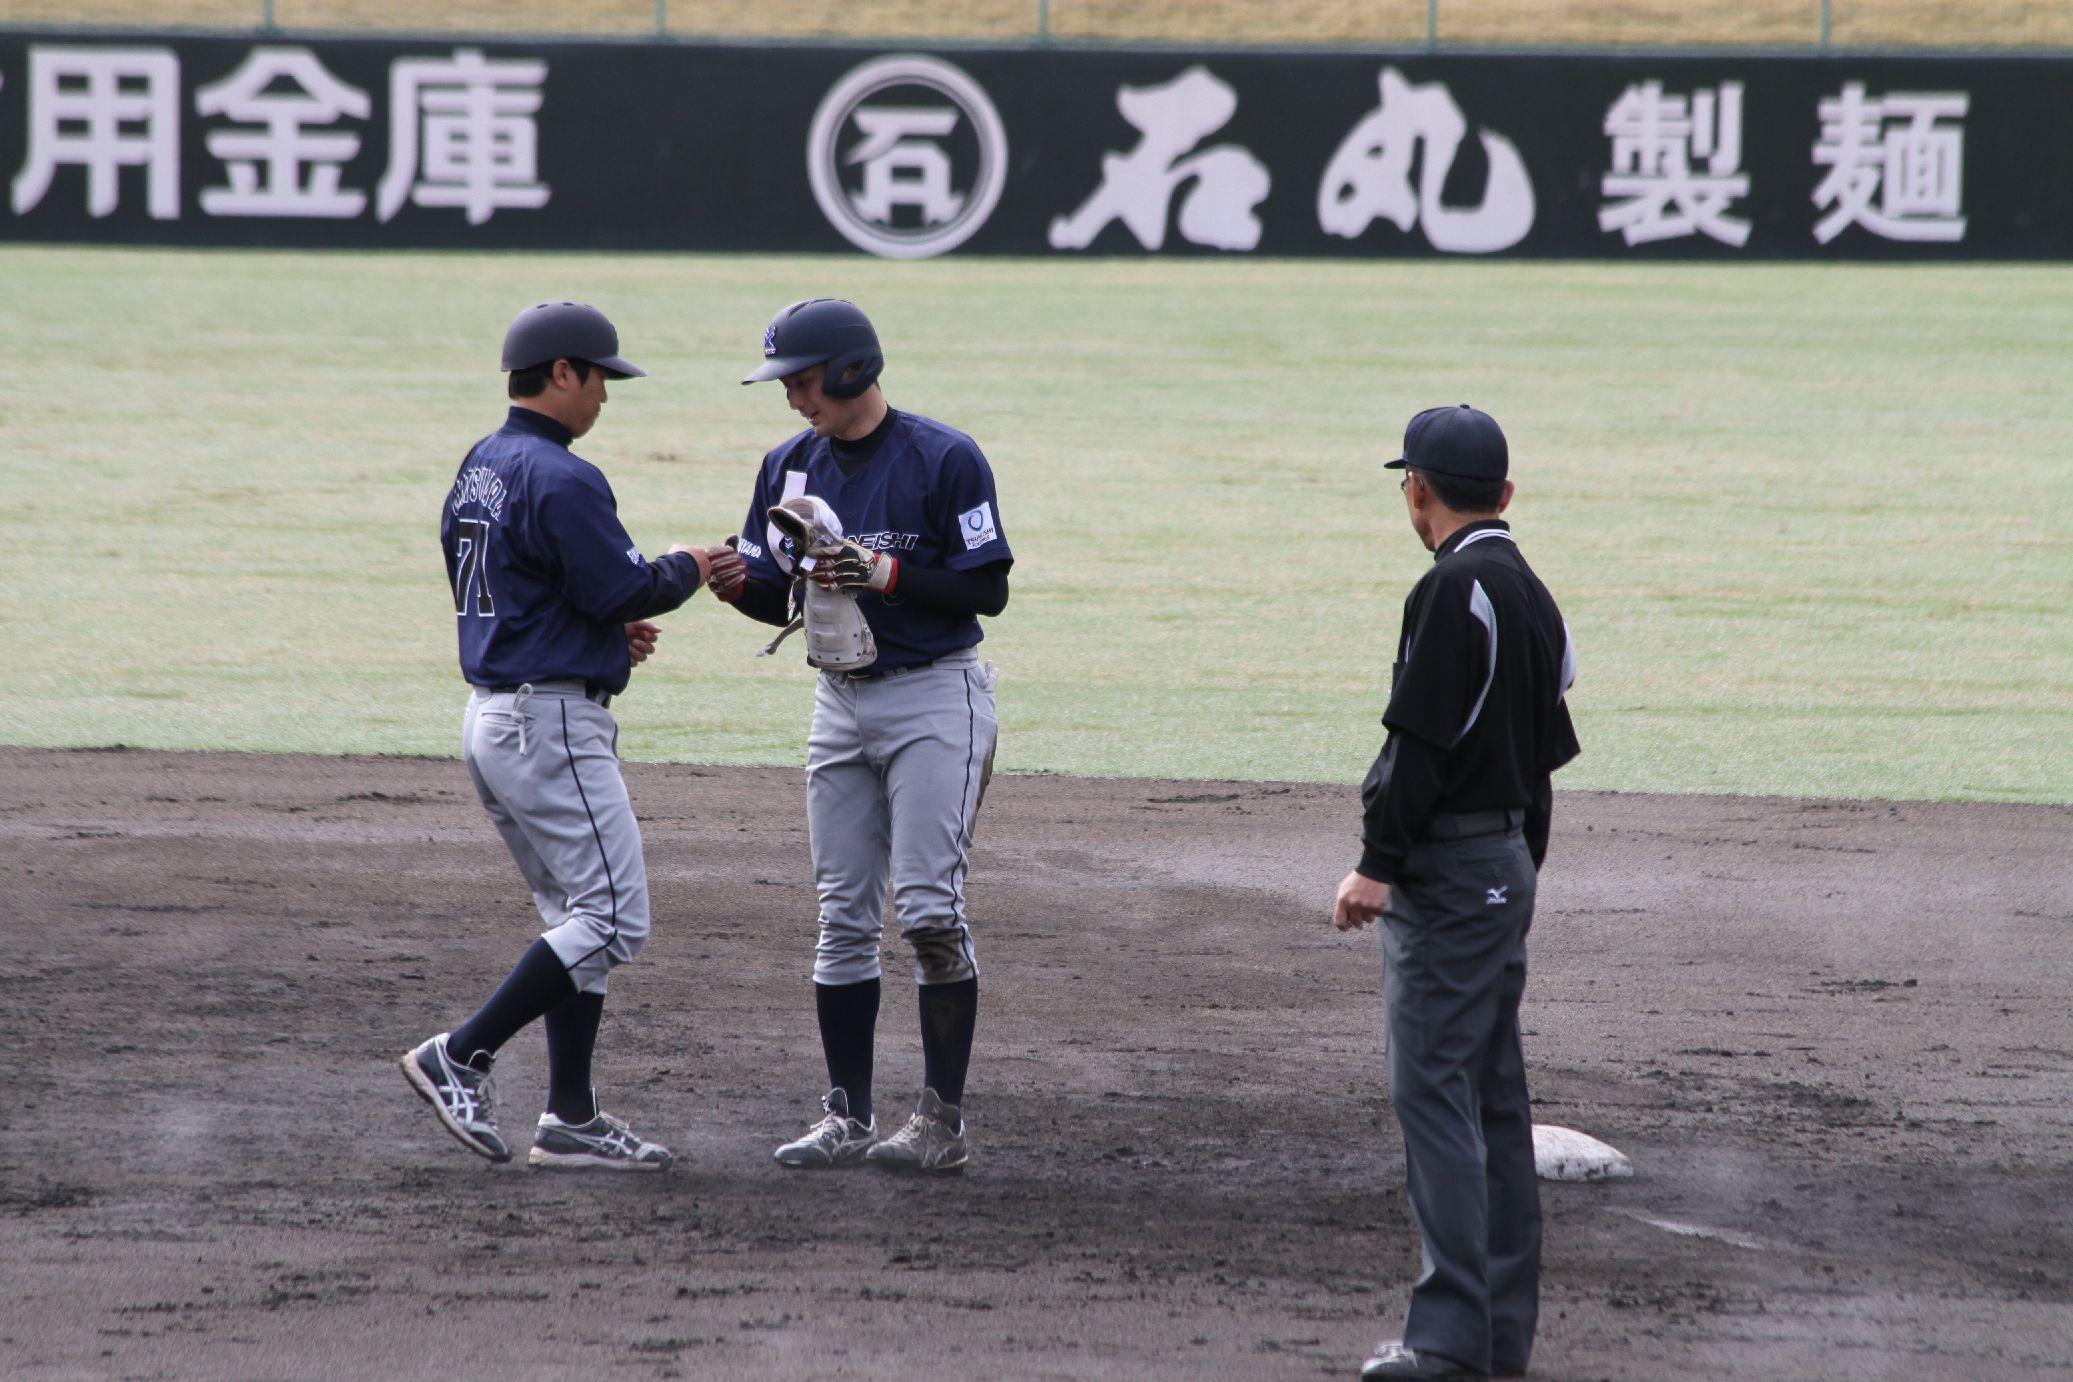 新人の斉藤選手の2塁打を称える松原勲コー チ